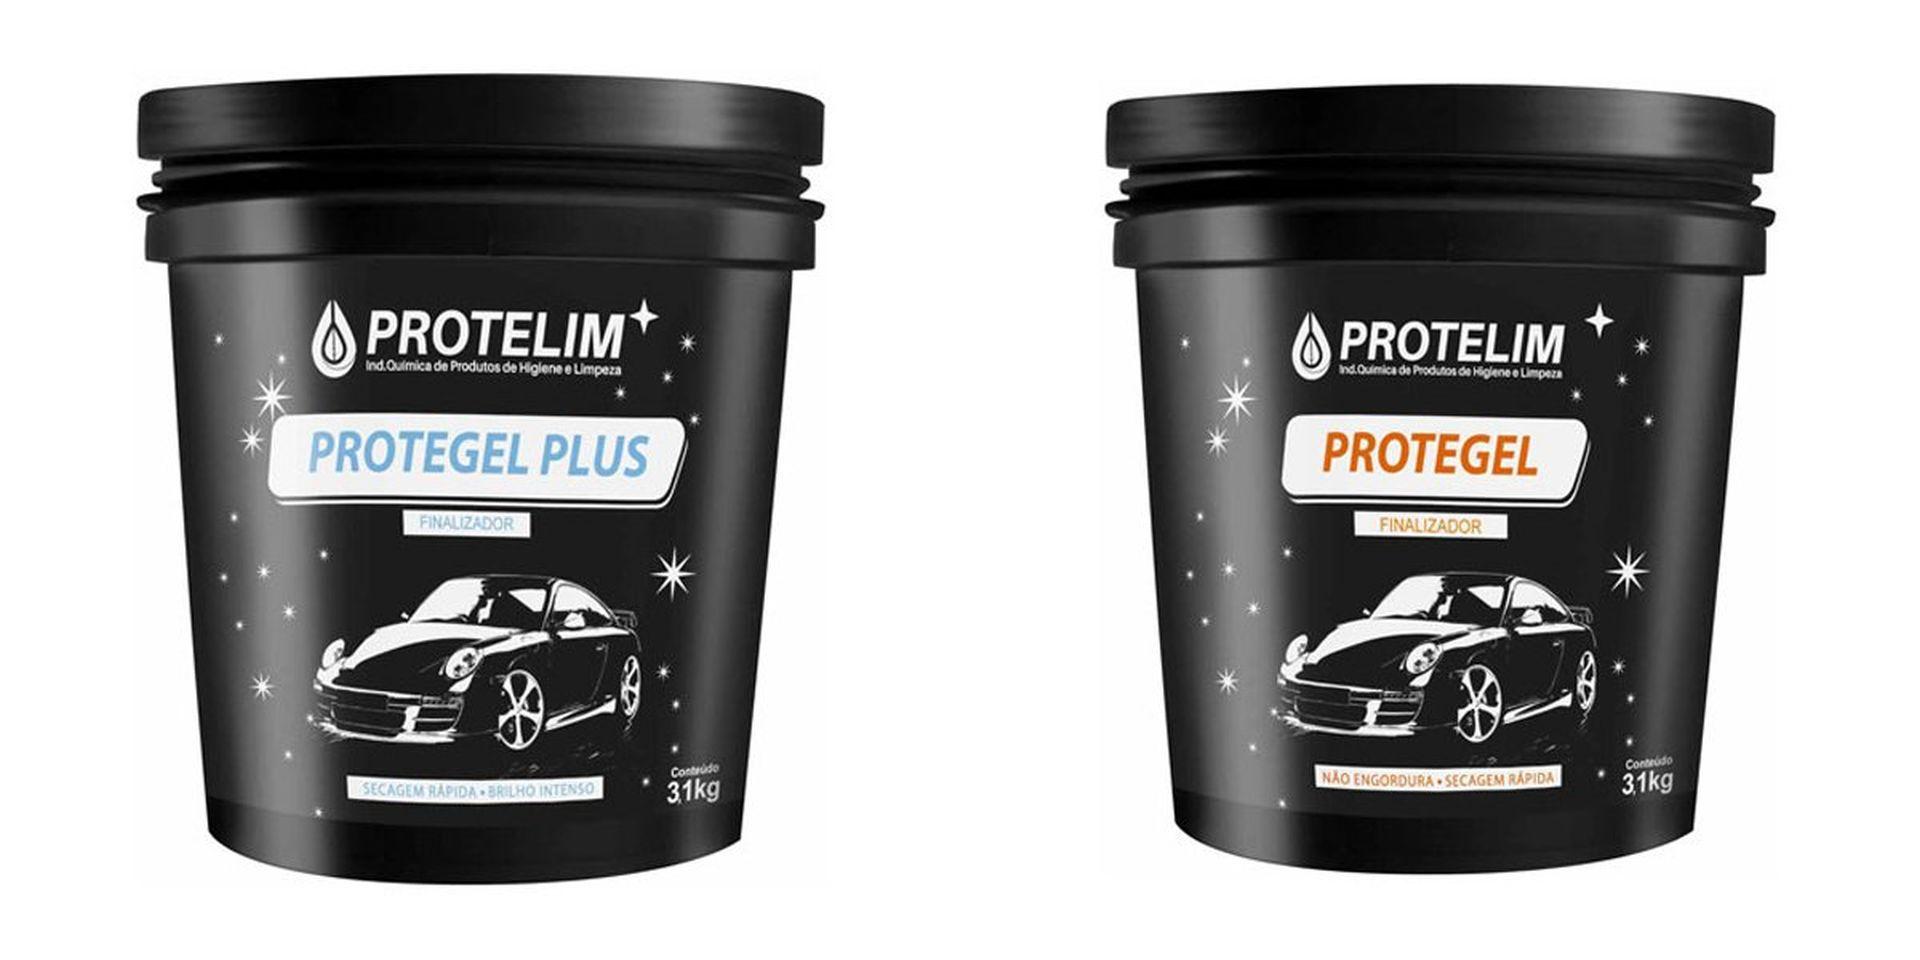 Kit Silicone Gel Protegel+ Silicone Gel Protegel Plus